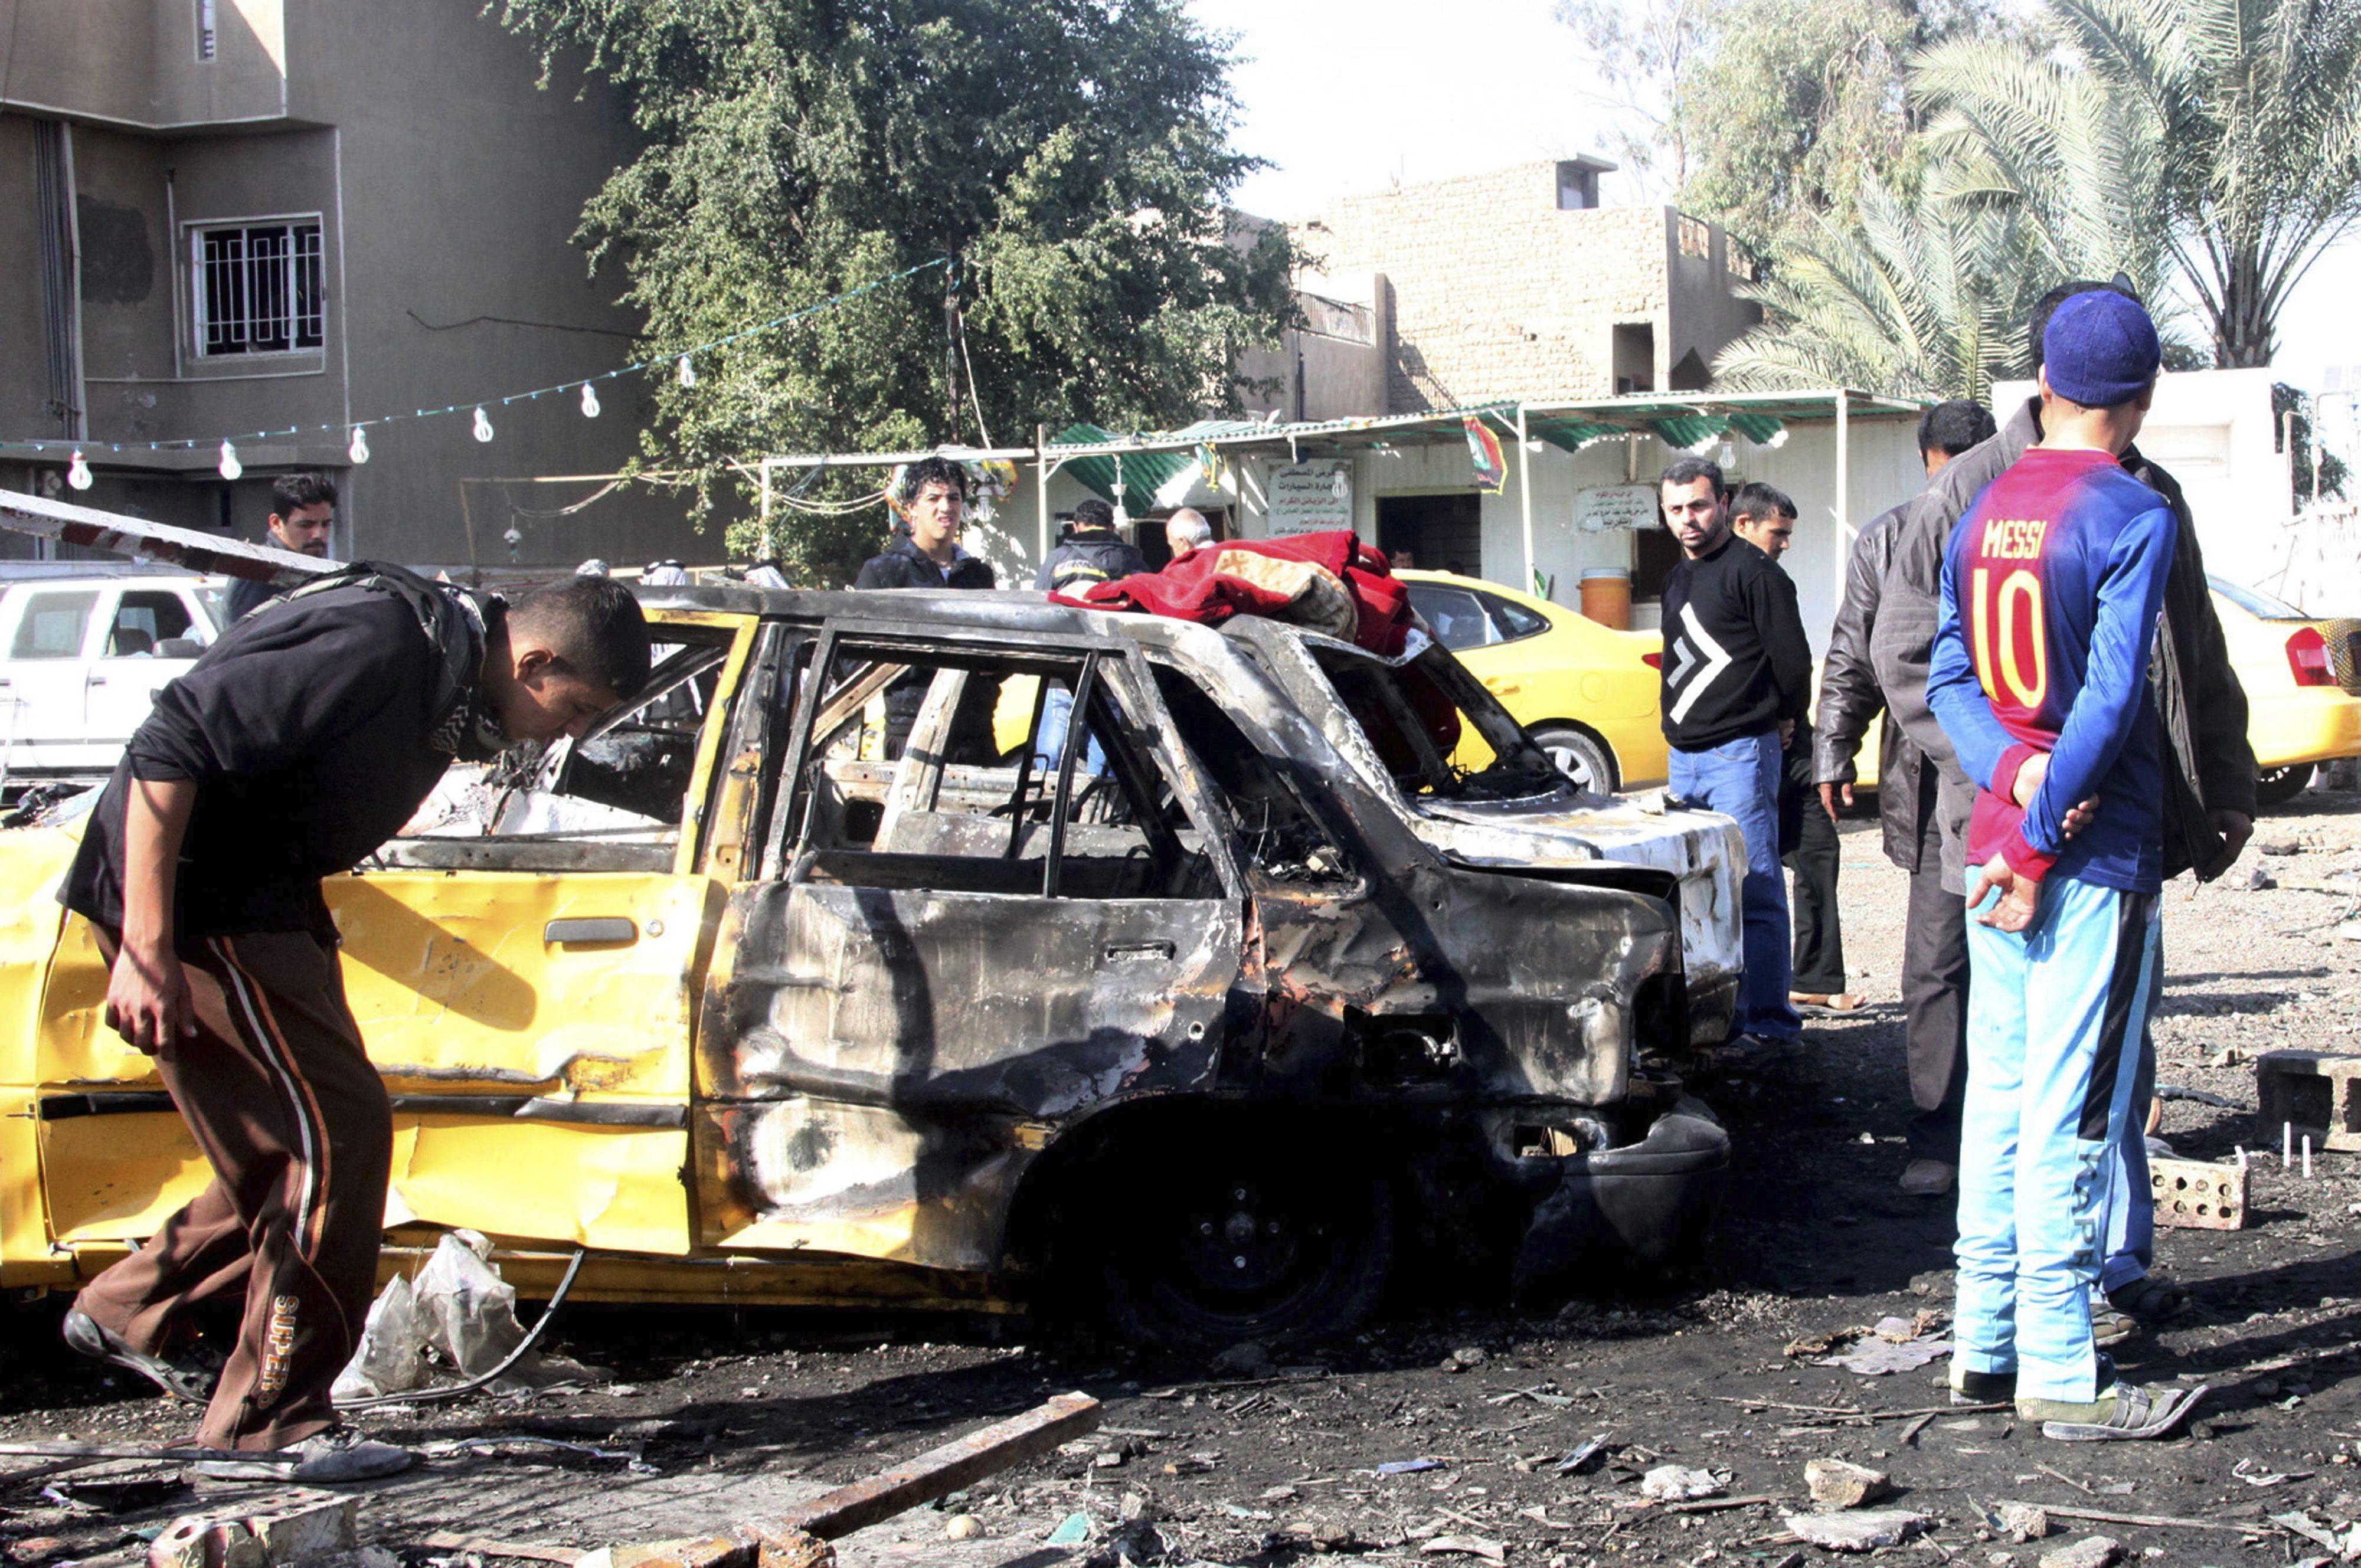 Al menos 15 muertos, entre ellos un niño, en un atentado con coche bomba en Irak